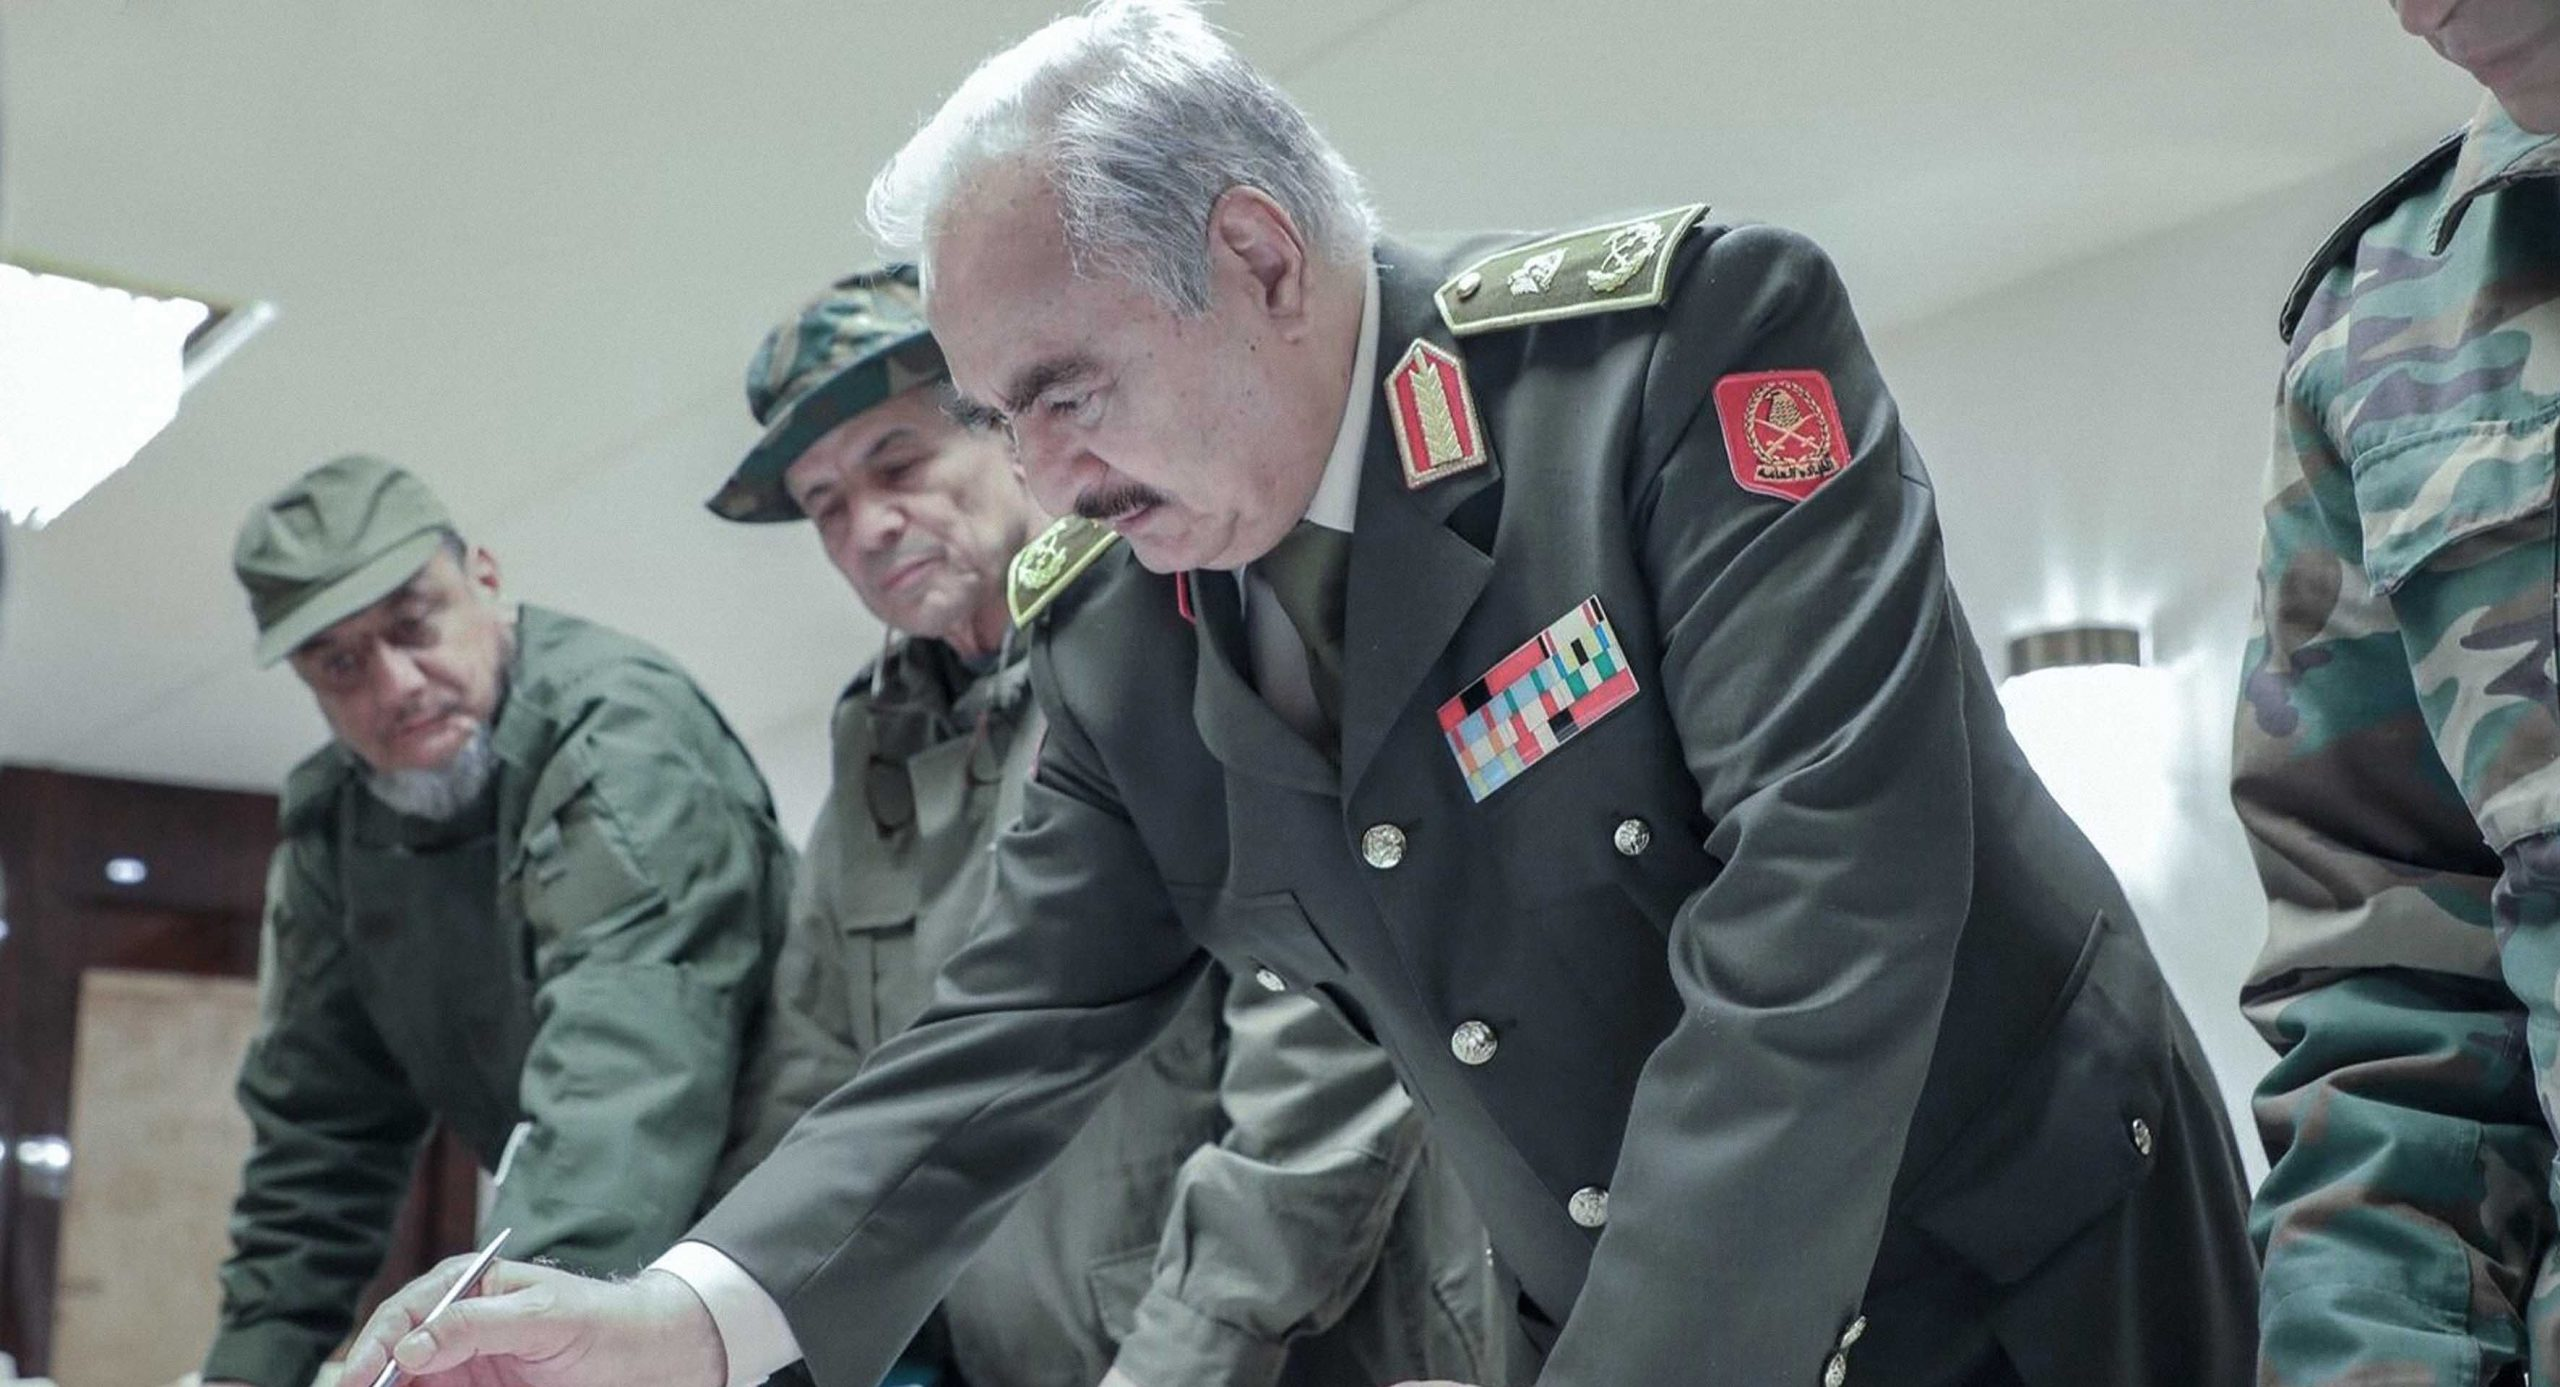 صورة حفتر يطالب داعميه بزيادة الغطاء الجوي وتزويده بالمقاتلين المرتزقة والسلاح والأموال للوصول إلى حل سلمي يلبي إرادة الشعب الليبي